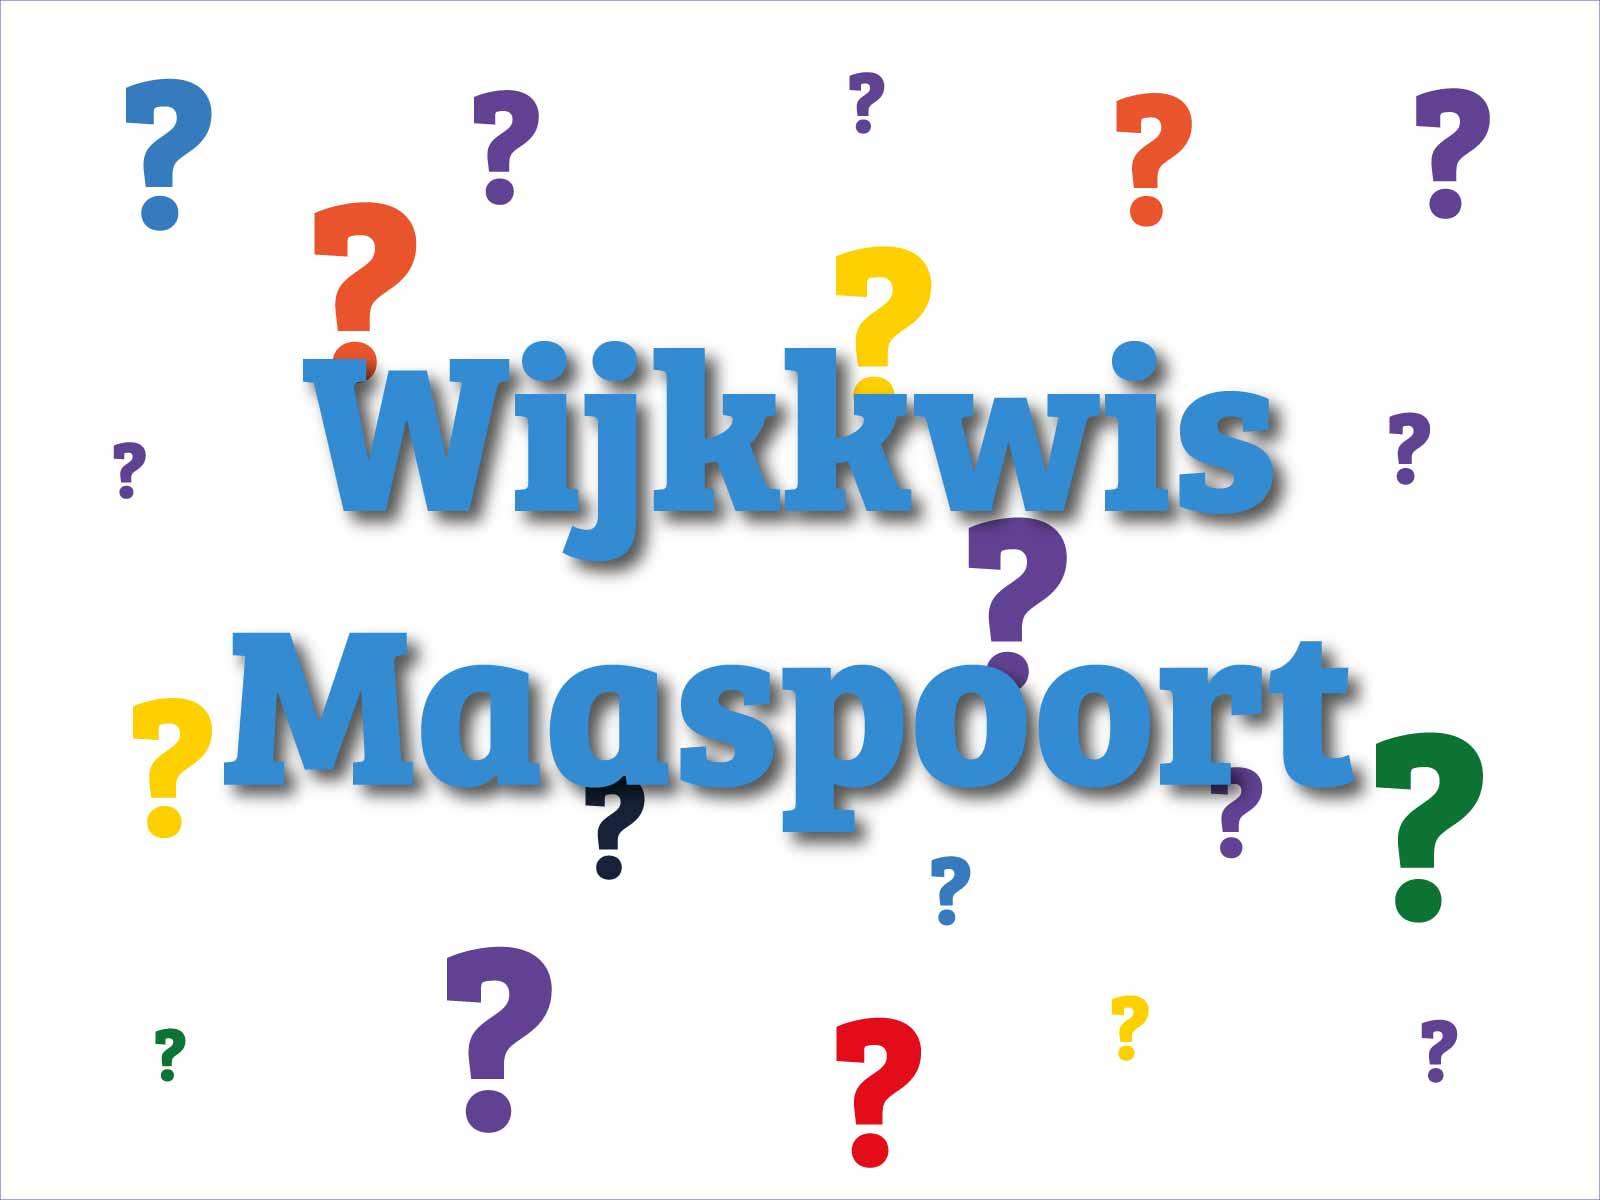 Wijkkwis Maaspoort